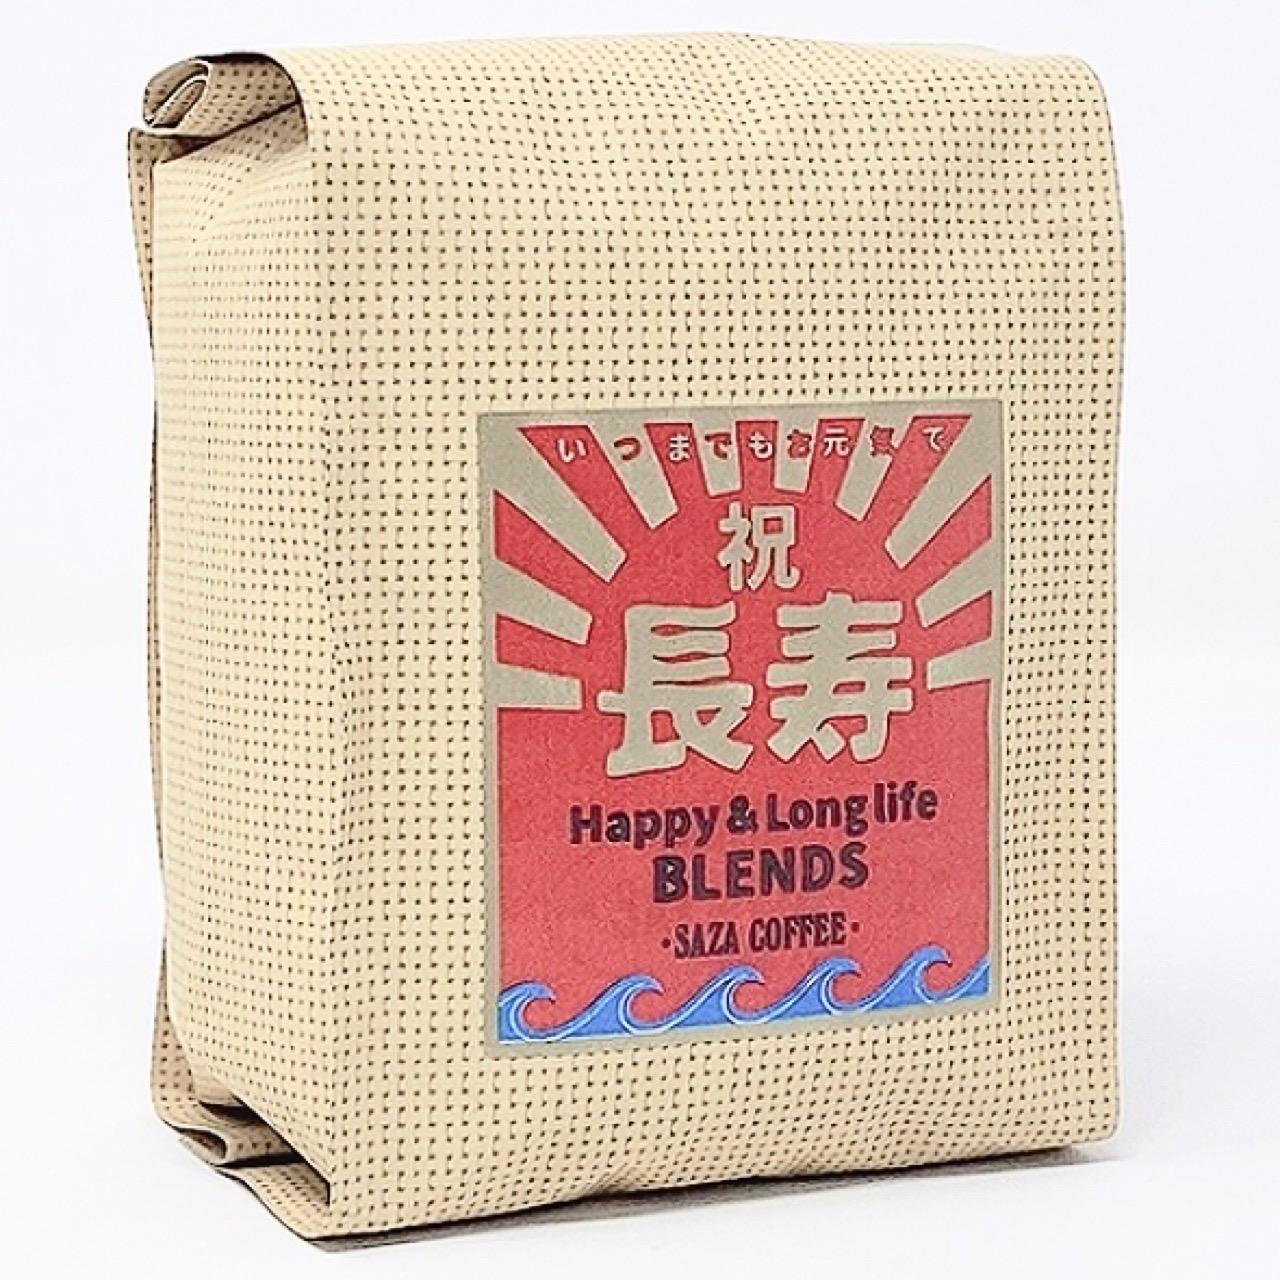 【期間限定】ハッピー&ロングライフブレンド200g